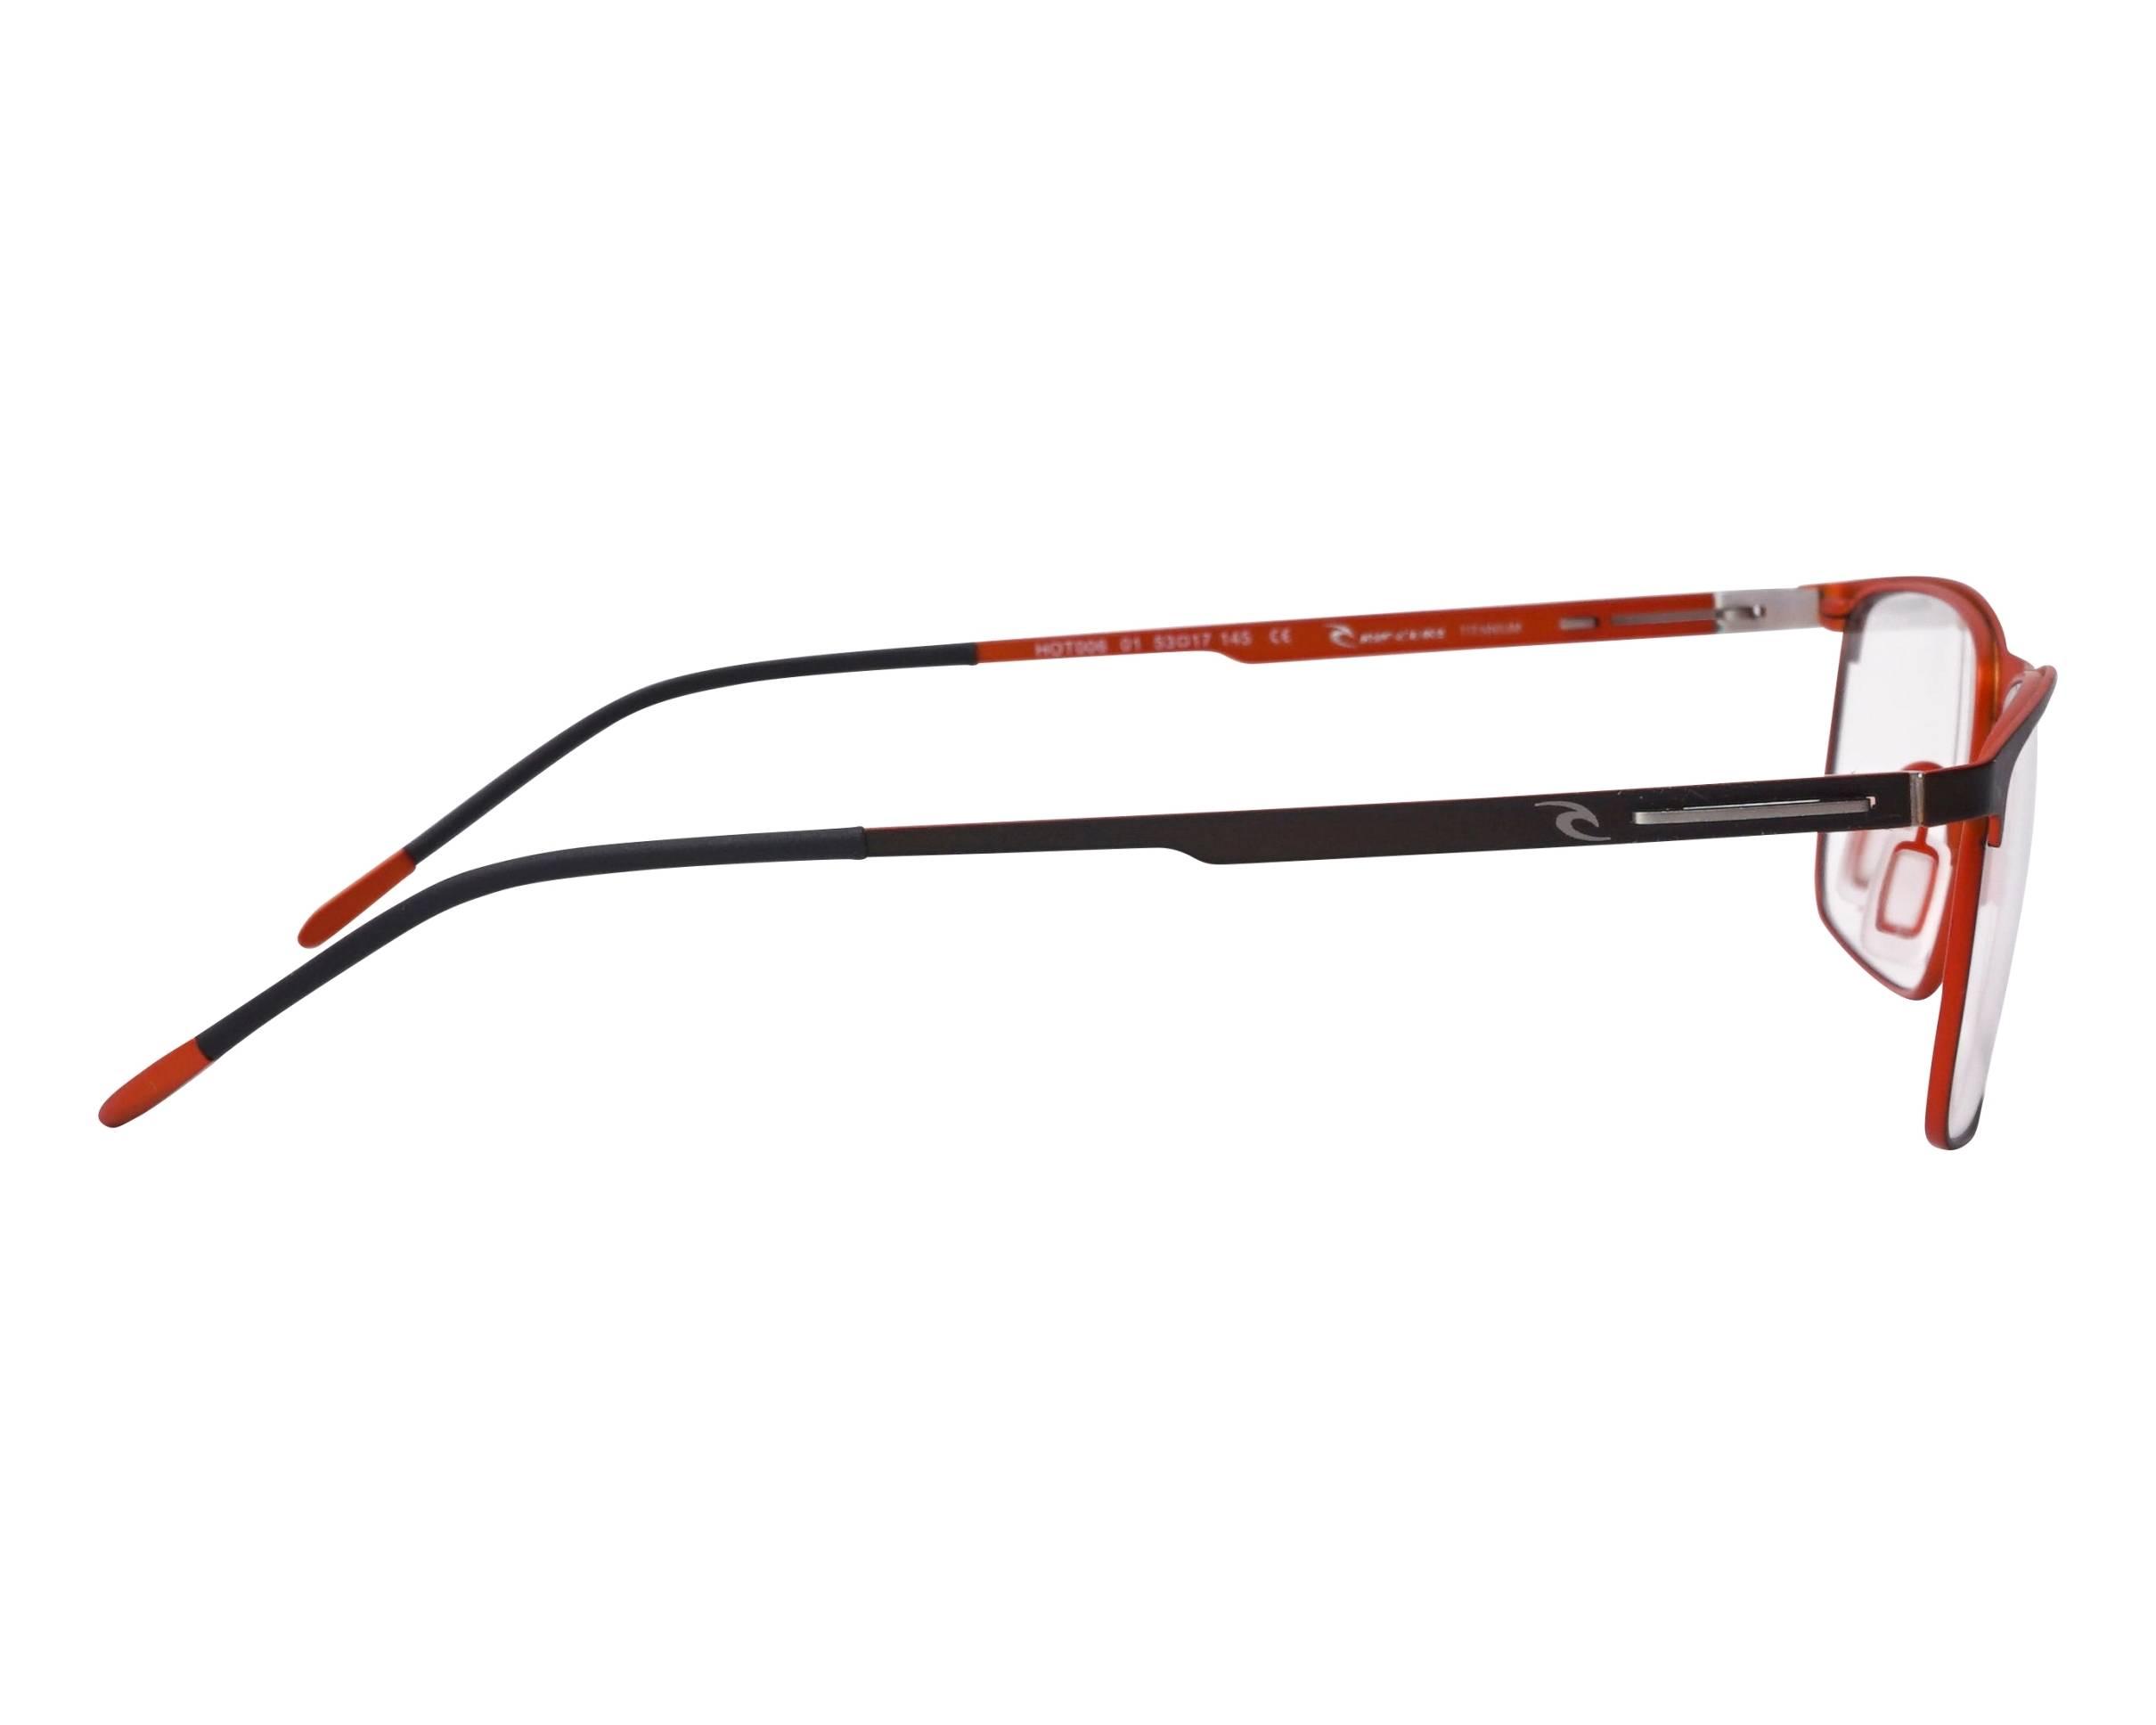 Adulte Rip Curl Lunettes en Argent /& Rouge brillante Design VOM104 Nouveau RRP £ 79